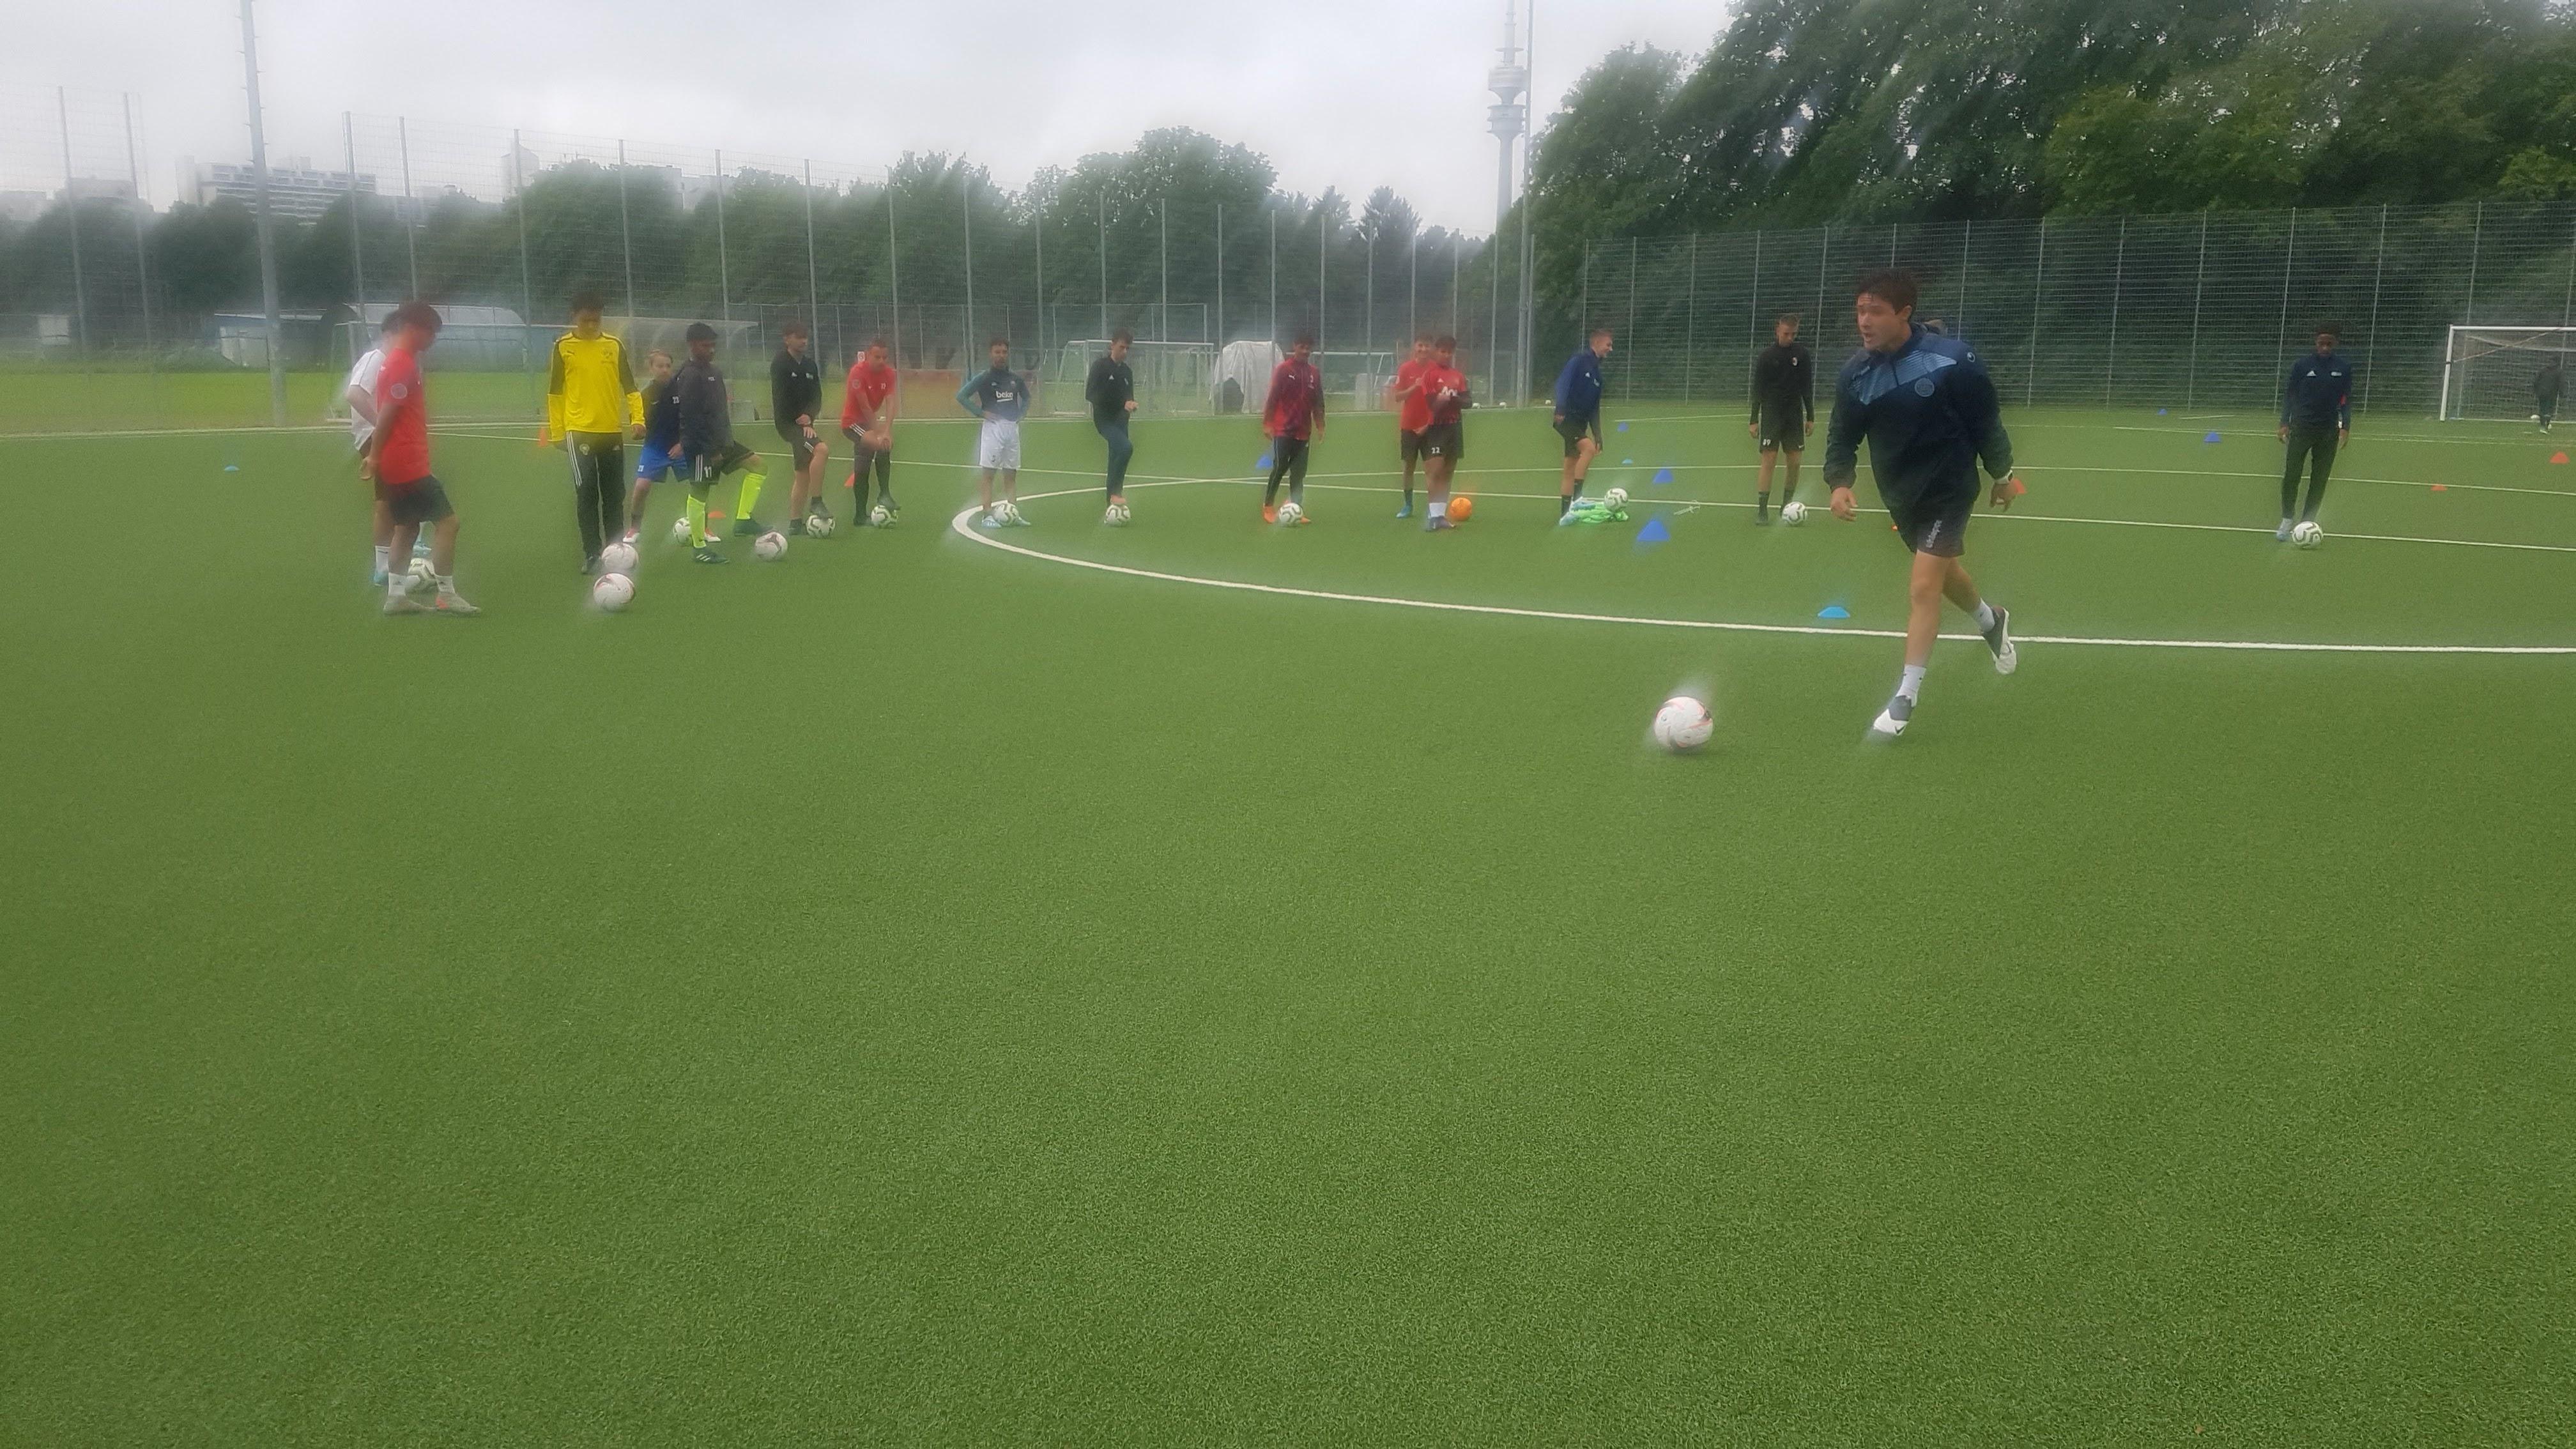 U15 trials in Munich Germany